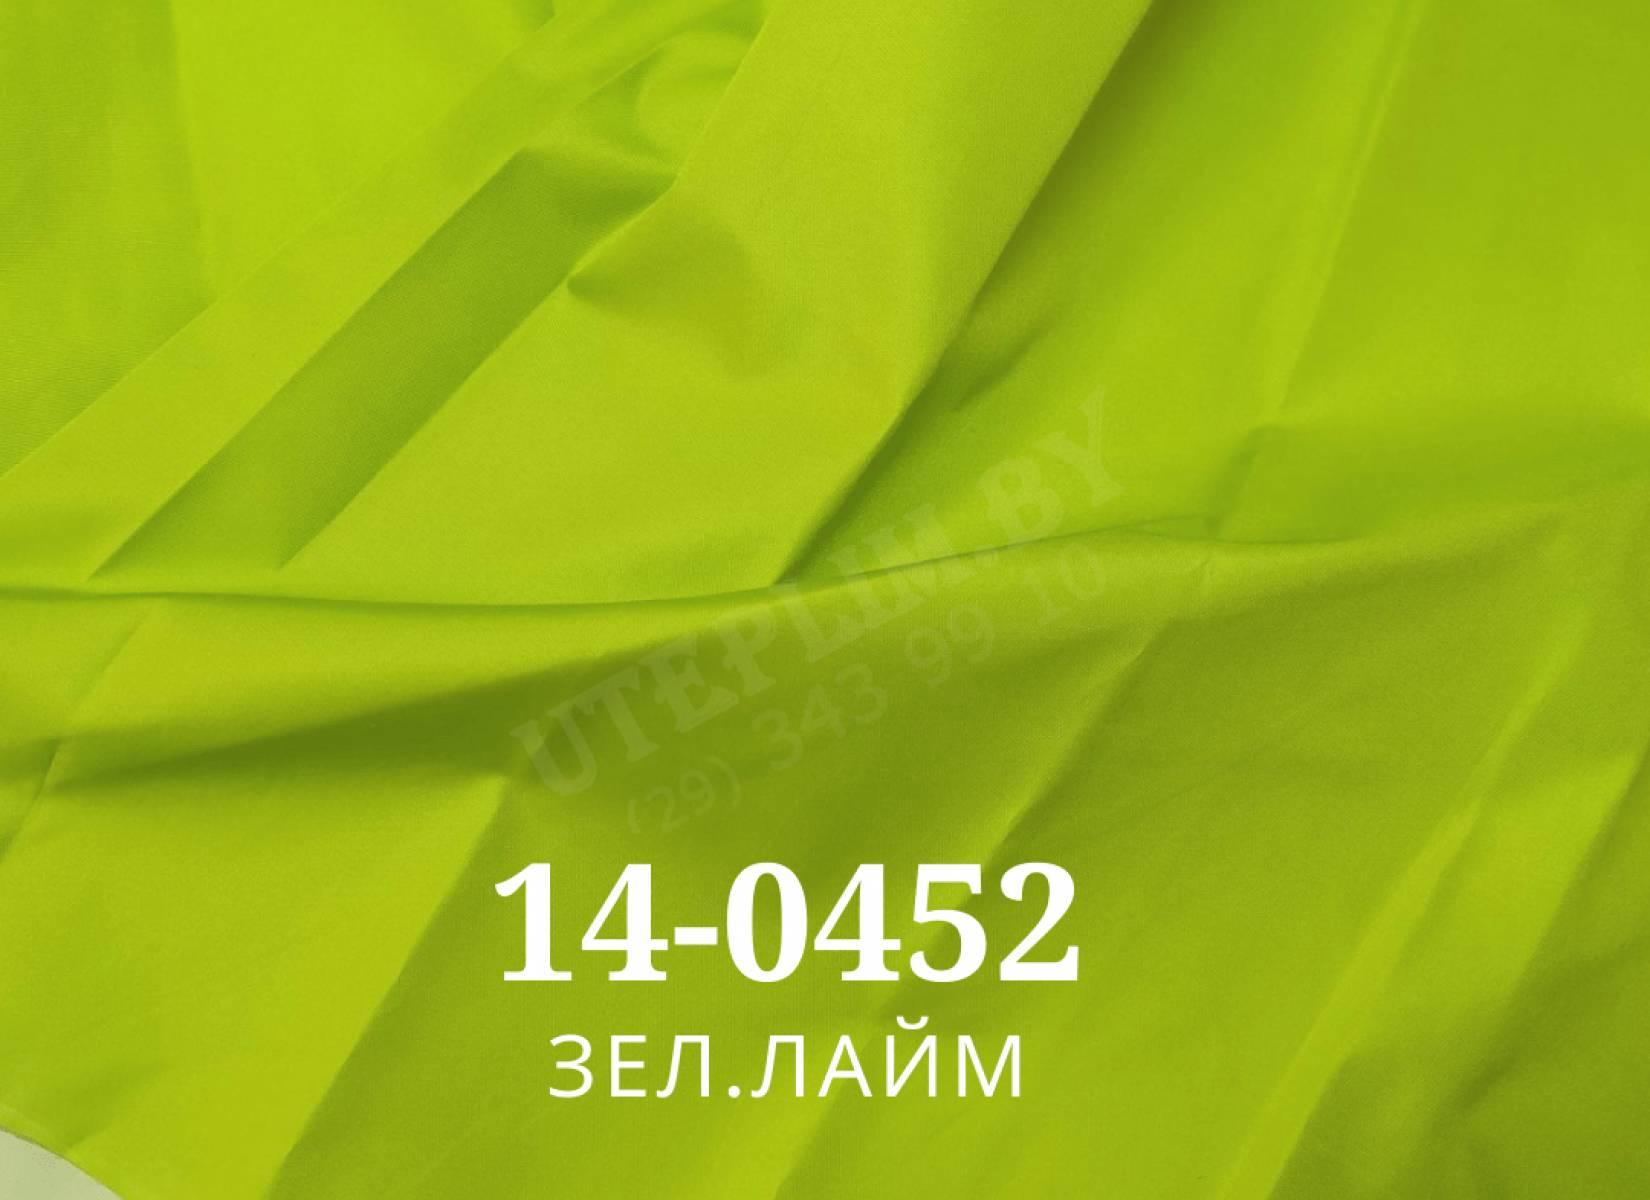 Дюспо - зел.лайм